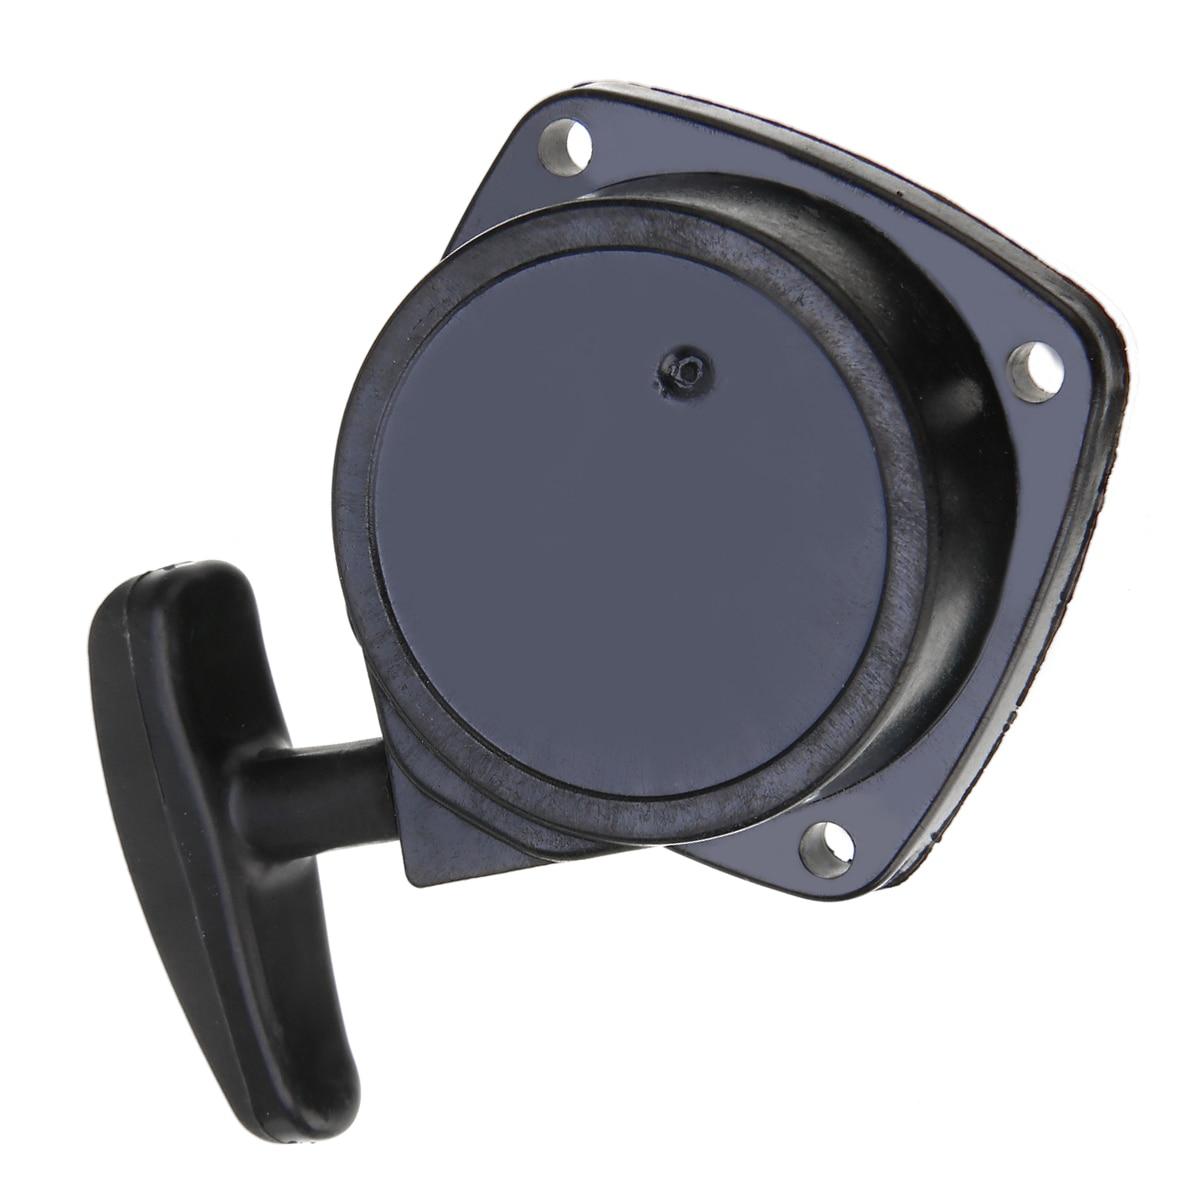 Pull Start Starter /&Pawl Plate for 47//49cc Engine Strimmer BrushCutter lawnmower